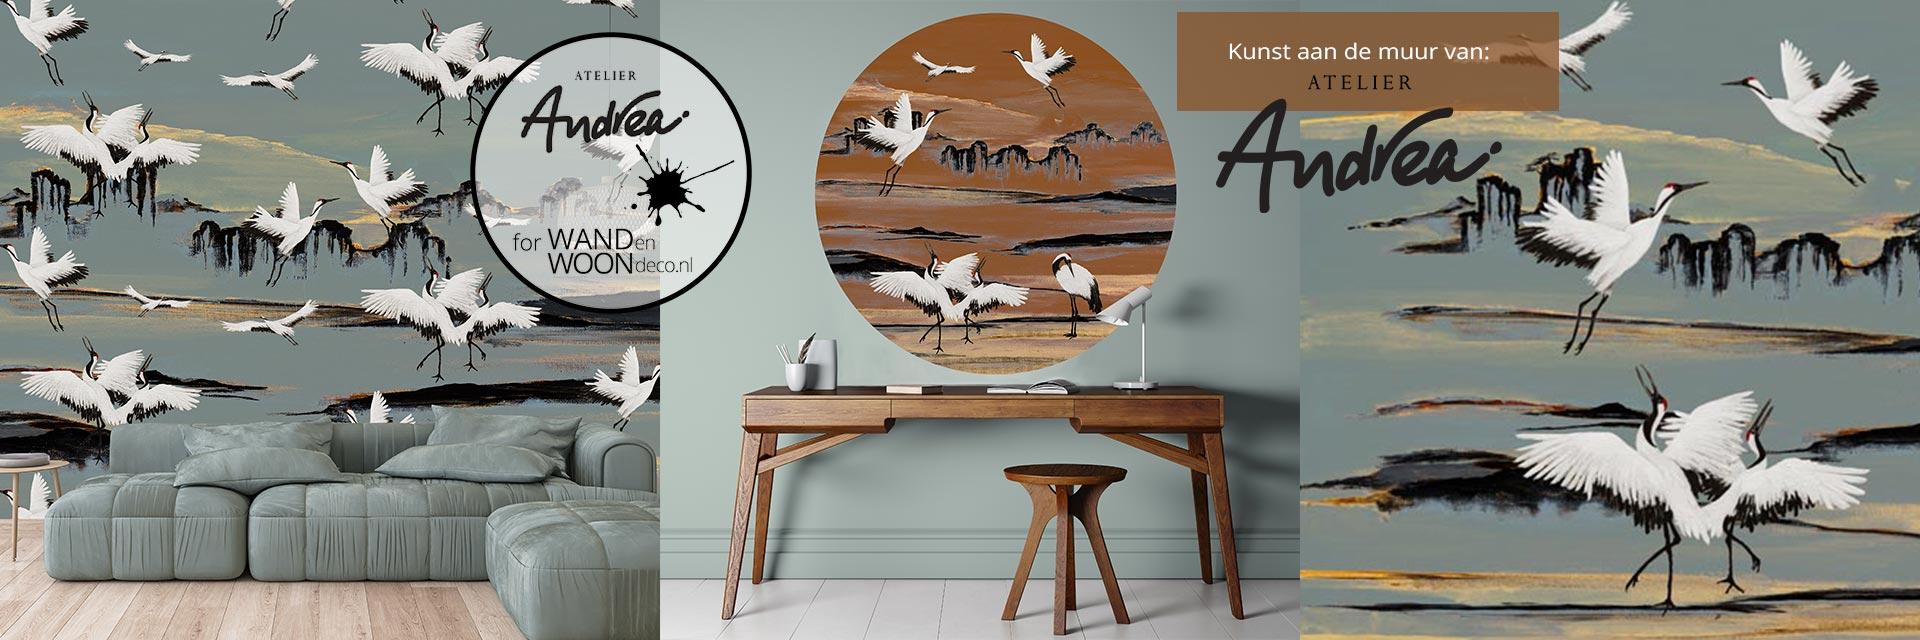 Atelier-Andrea-for-WANDenWOONdeco-kraanvogels